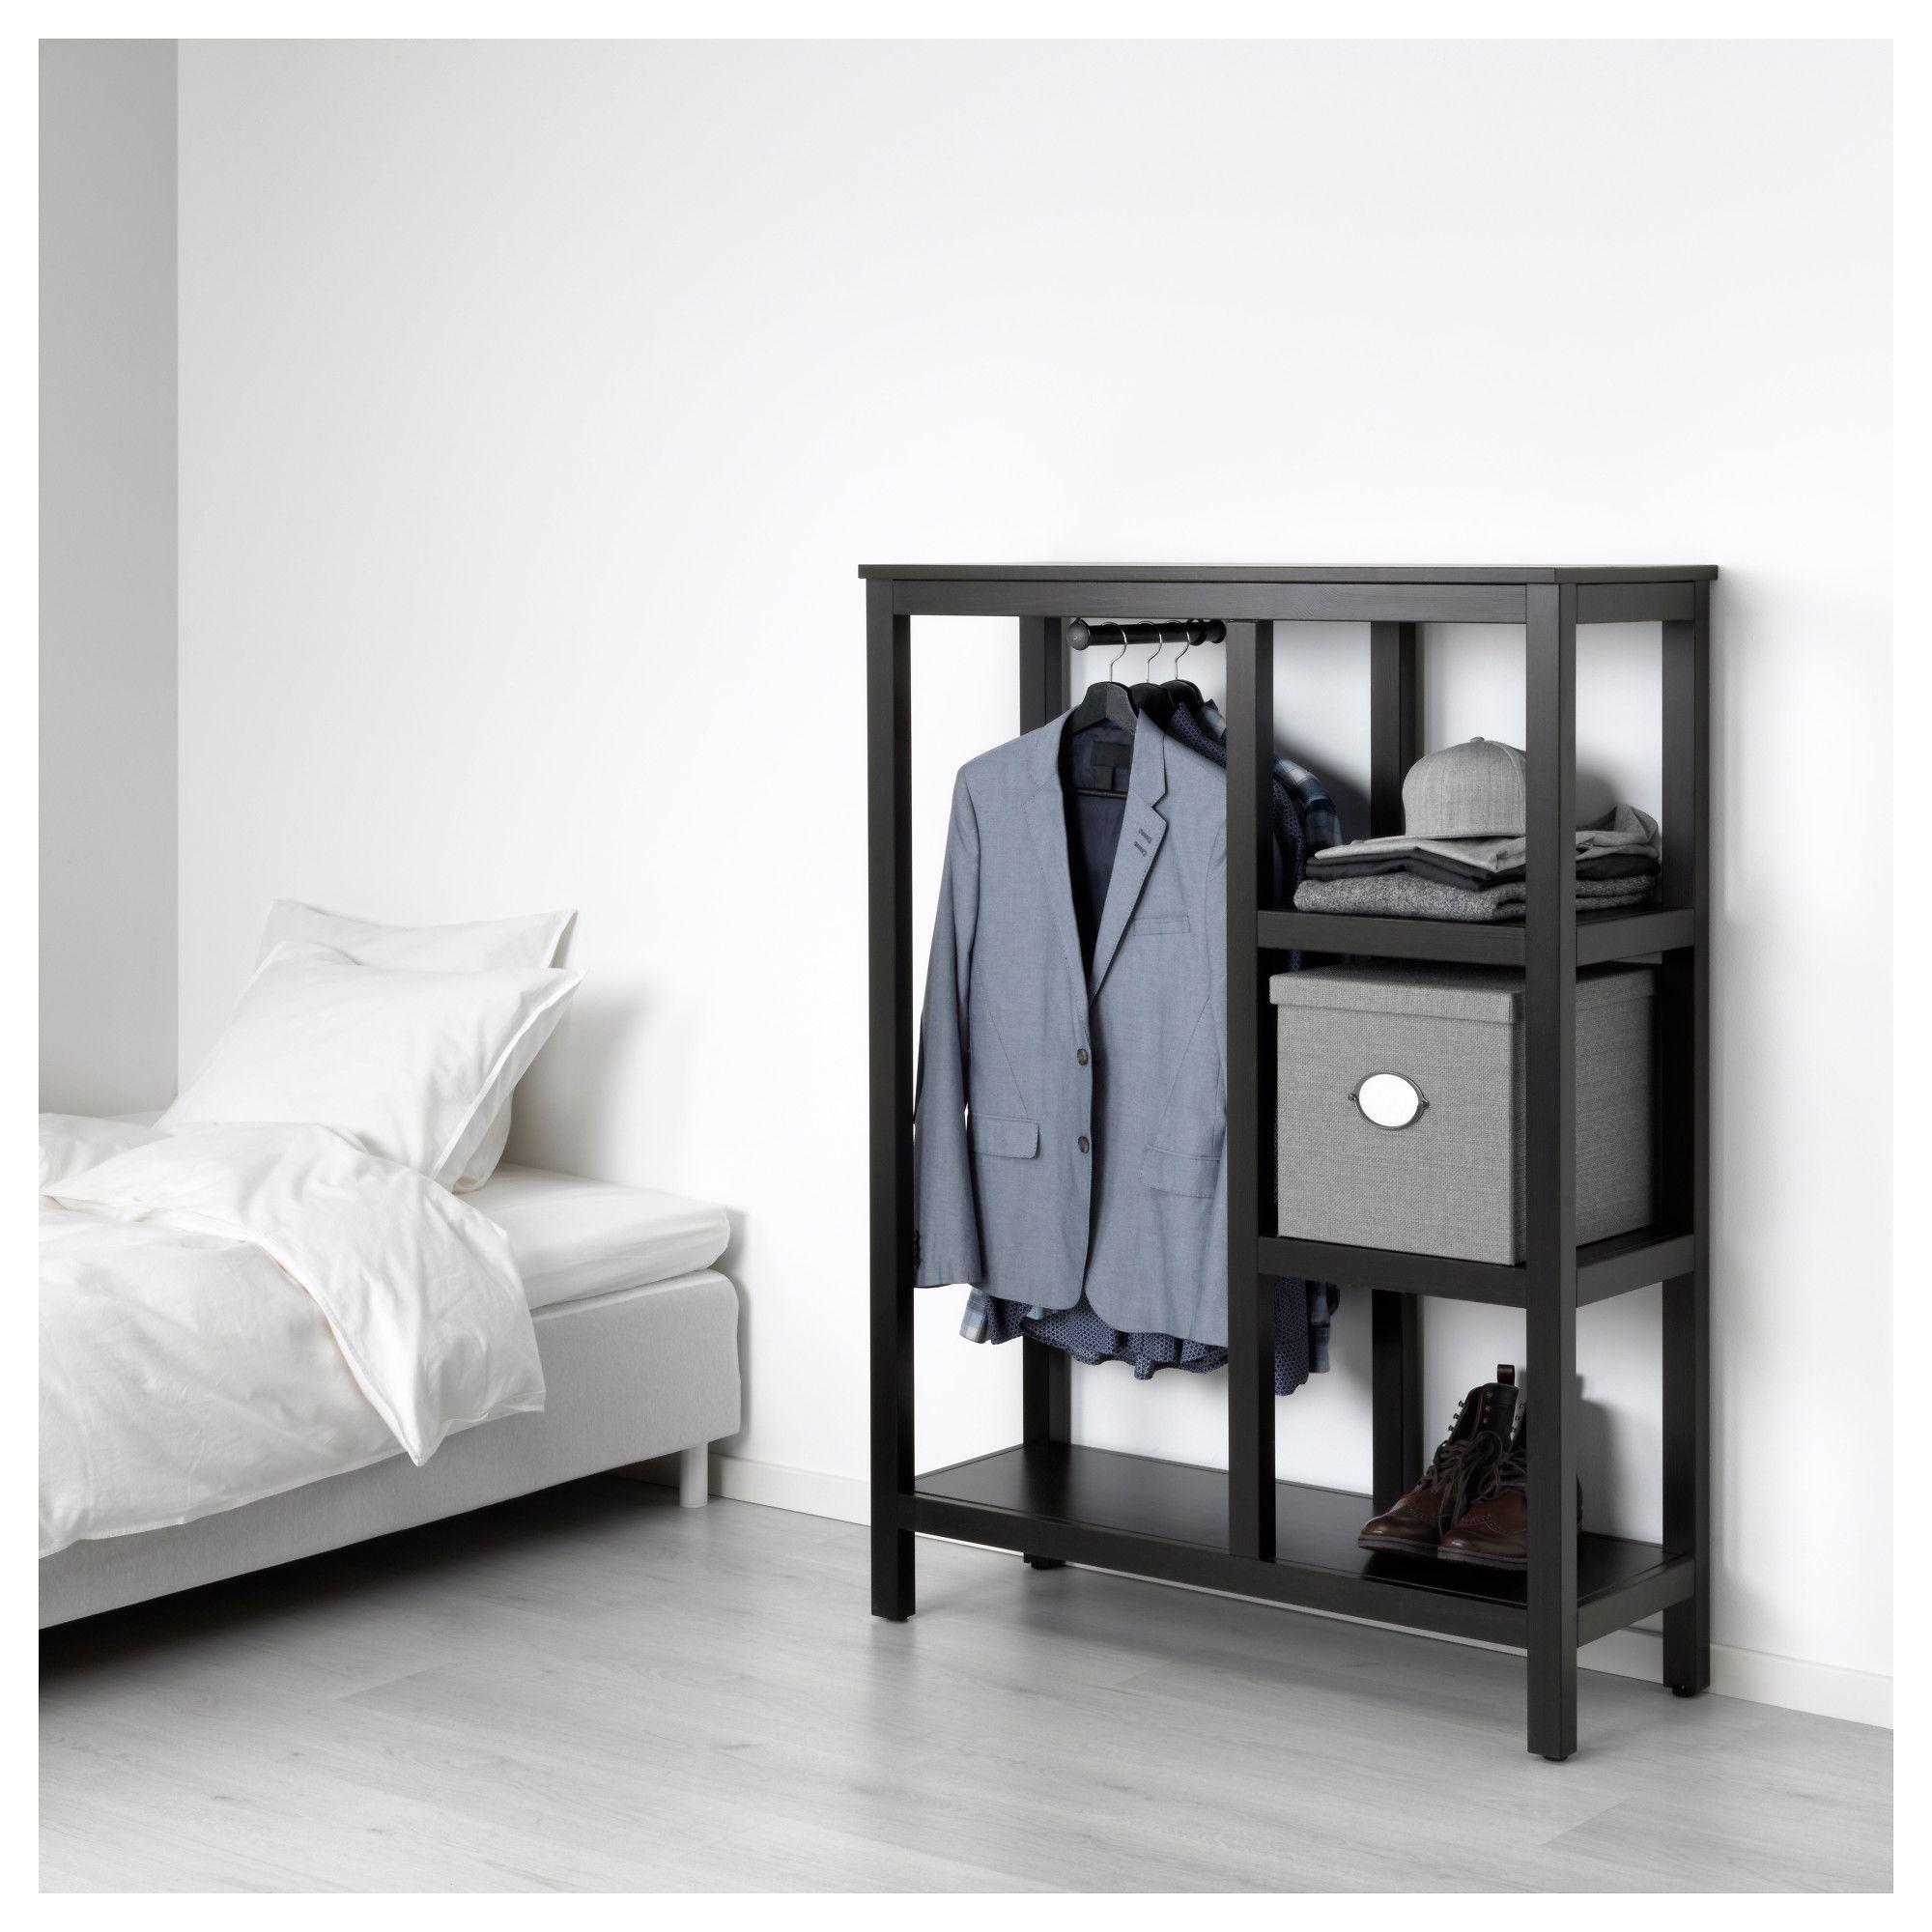 Bedbank Hemnes Te Koop.Ikea Hemnes Open Wardrobe Black Brown Open Wardrobe Hemnes